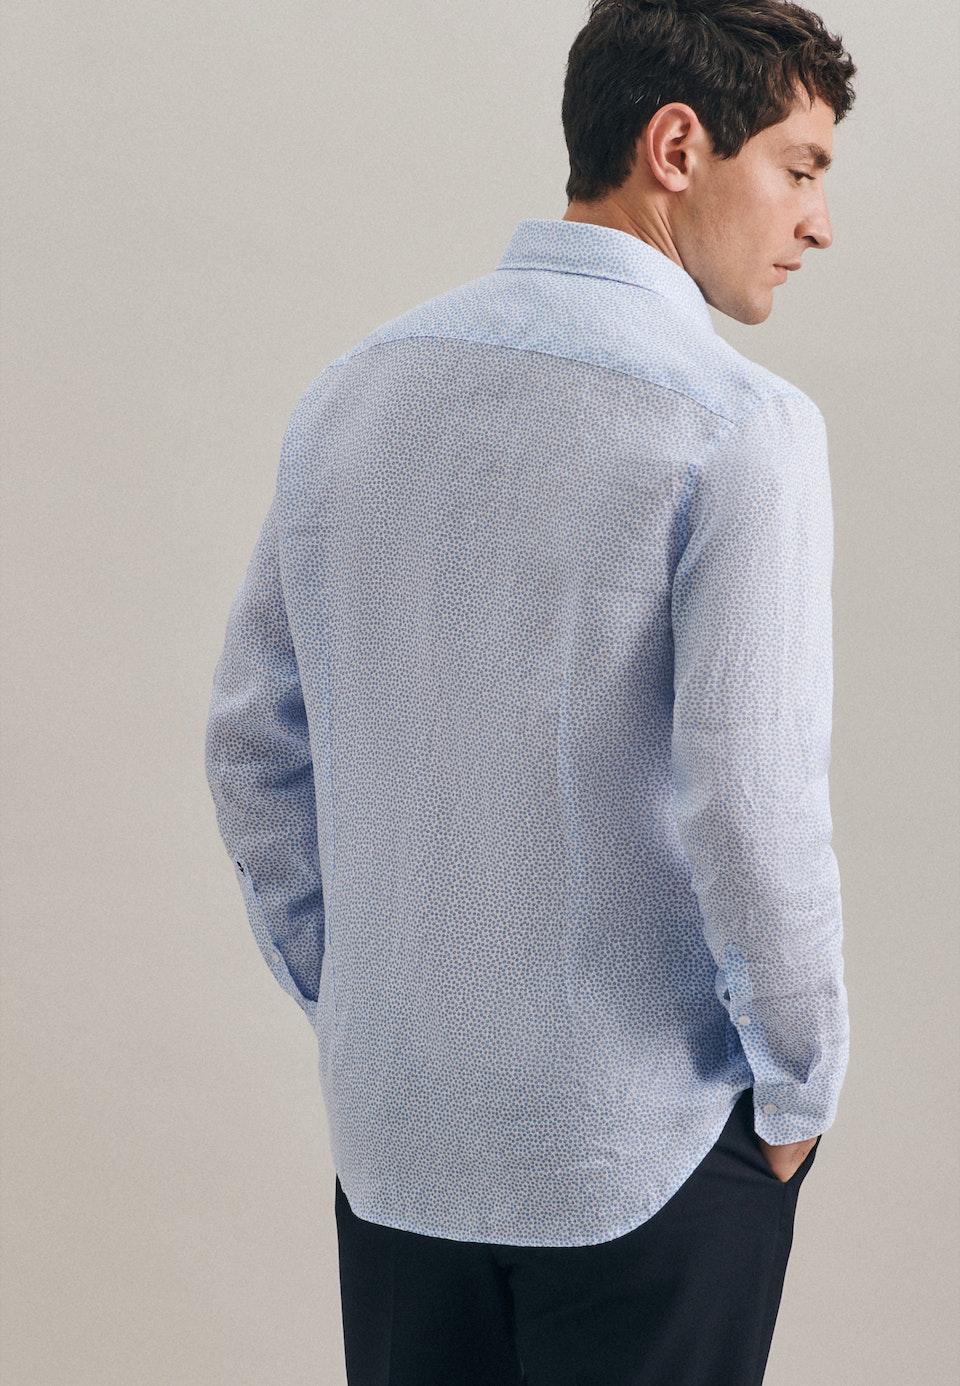 Leinen Leinenhemd in Shaped mit Kentkragen in Türkis/Petrol |  Seidensticker Onlineshop